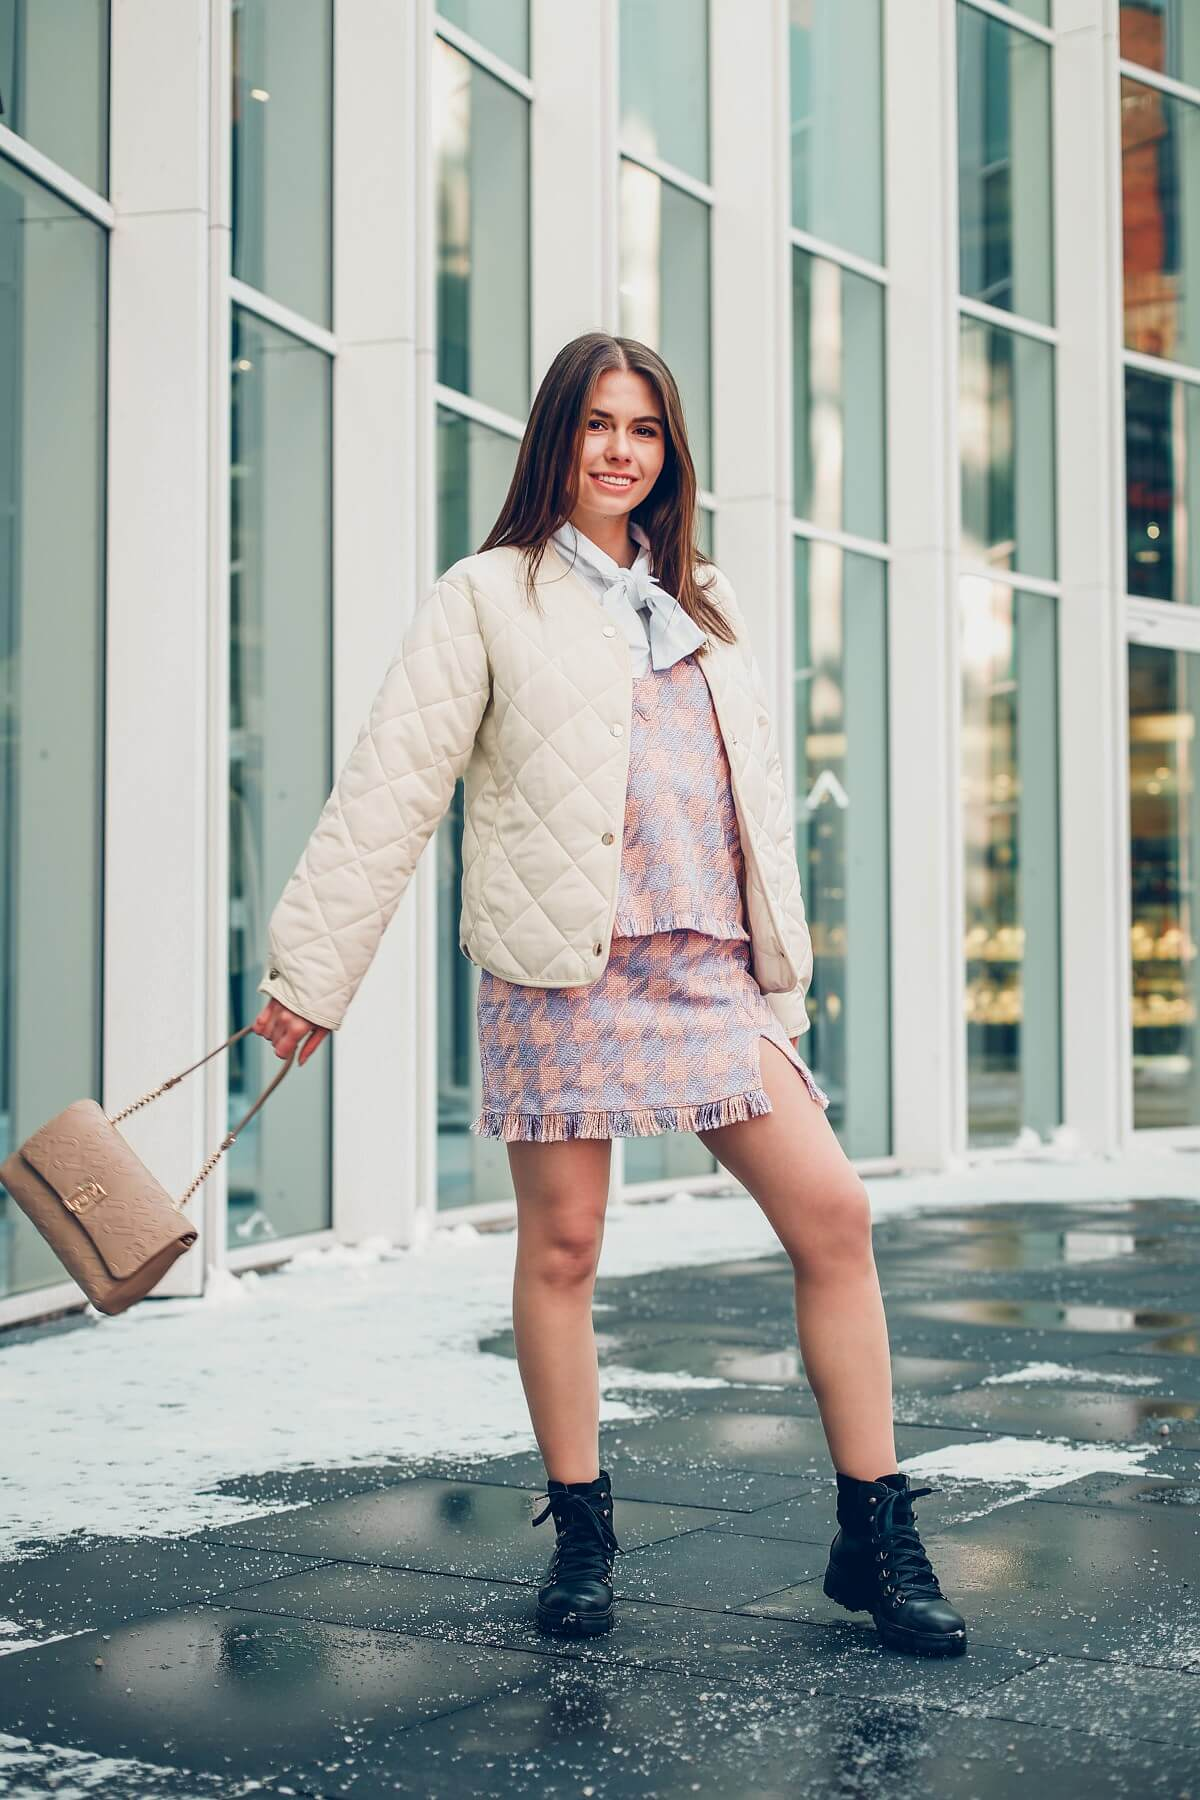 stylizacja à la Blair Waldorf kamizelka,  mini spódniczka, pikowana kurtka